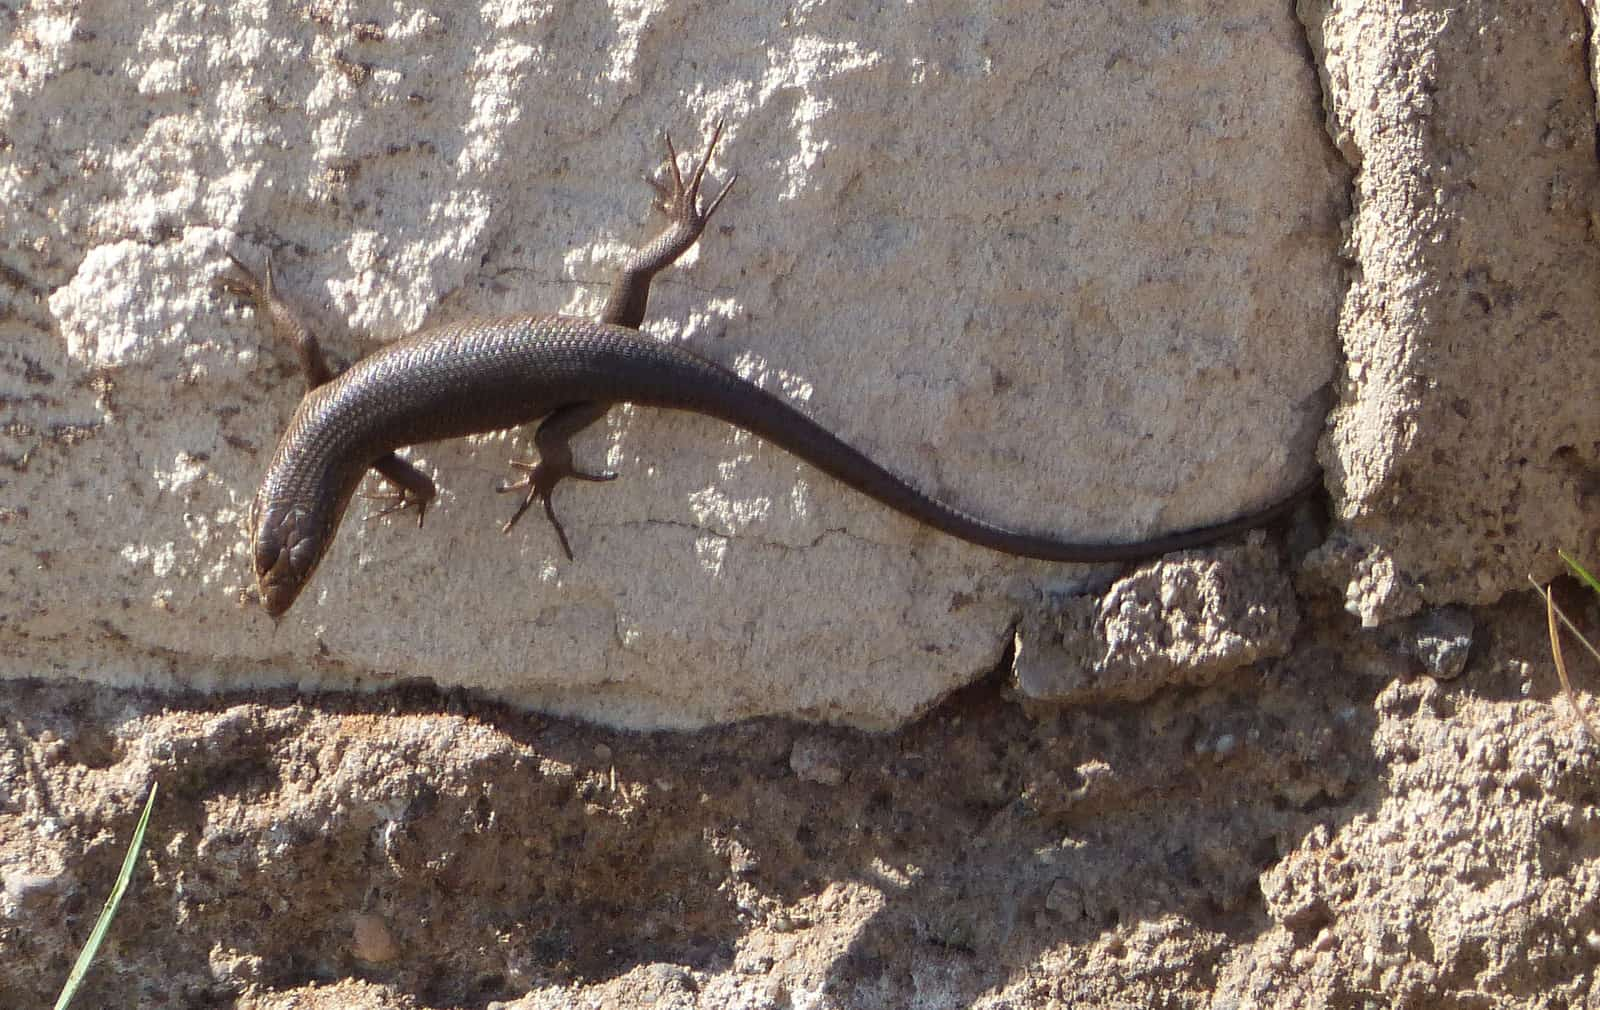 Kalahari Lizard